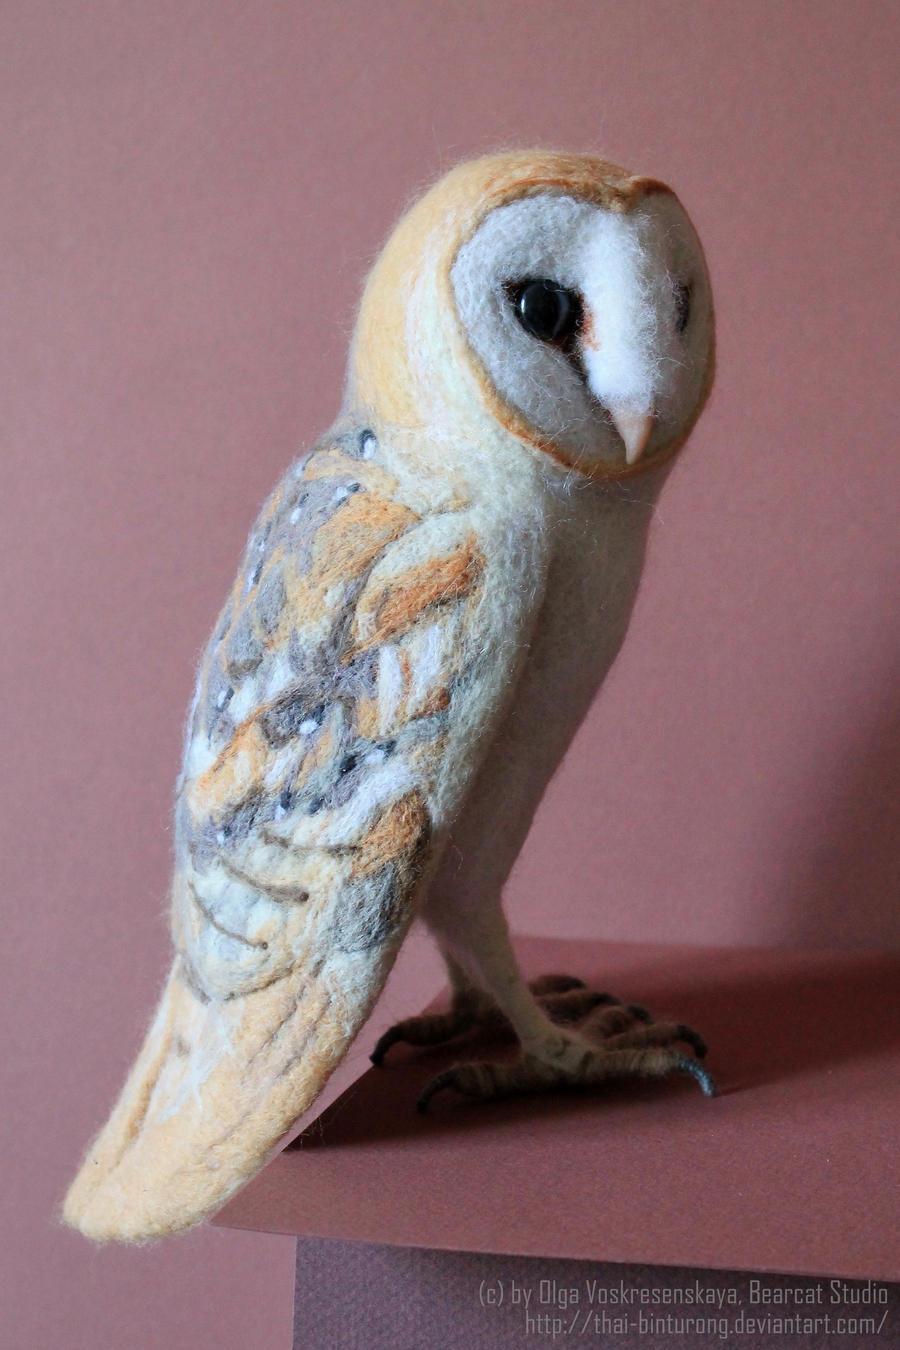 Barn Owl sculpture by thai-binturong